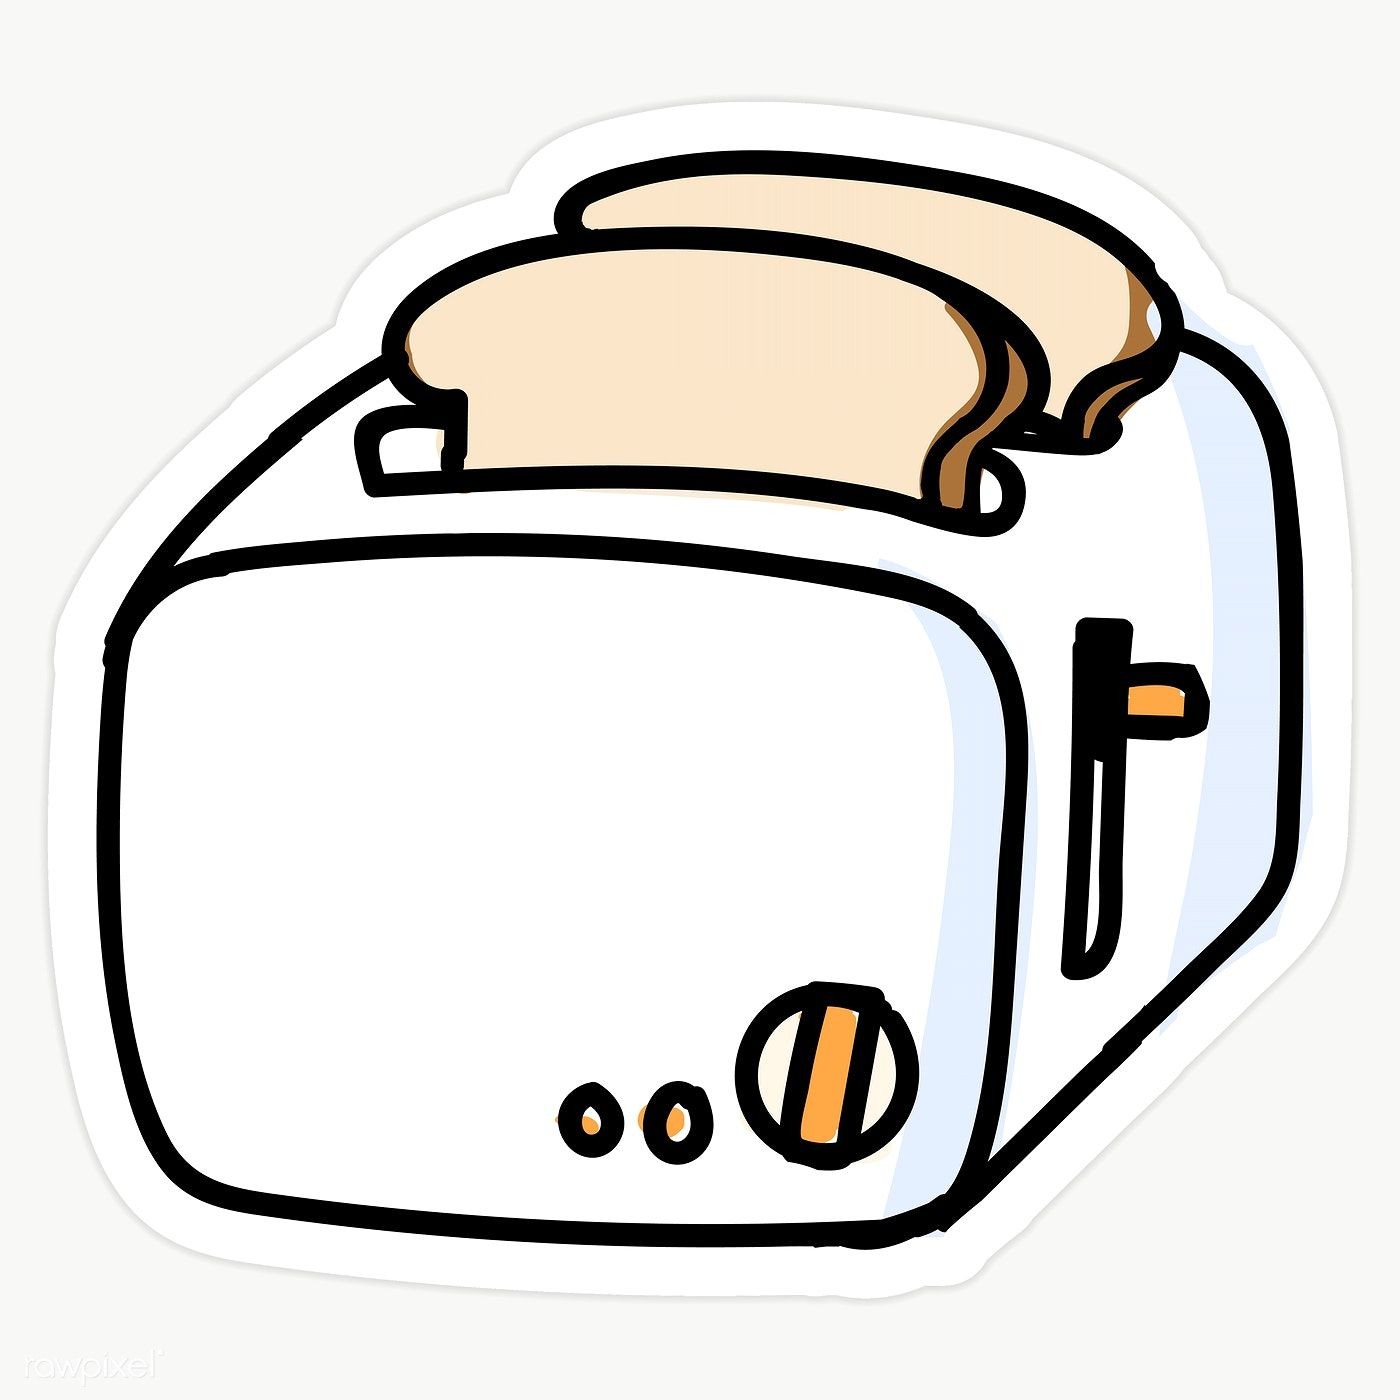 Cute Vintage Toast Cartoon Vector Illustration Motif Set. Stock Vector -  Illustration of bread, utensil: 145754914